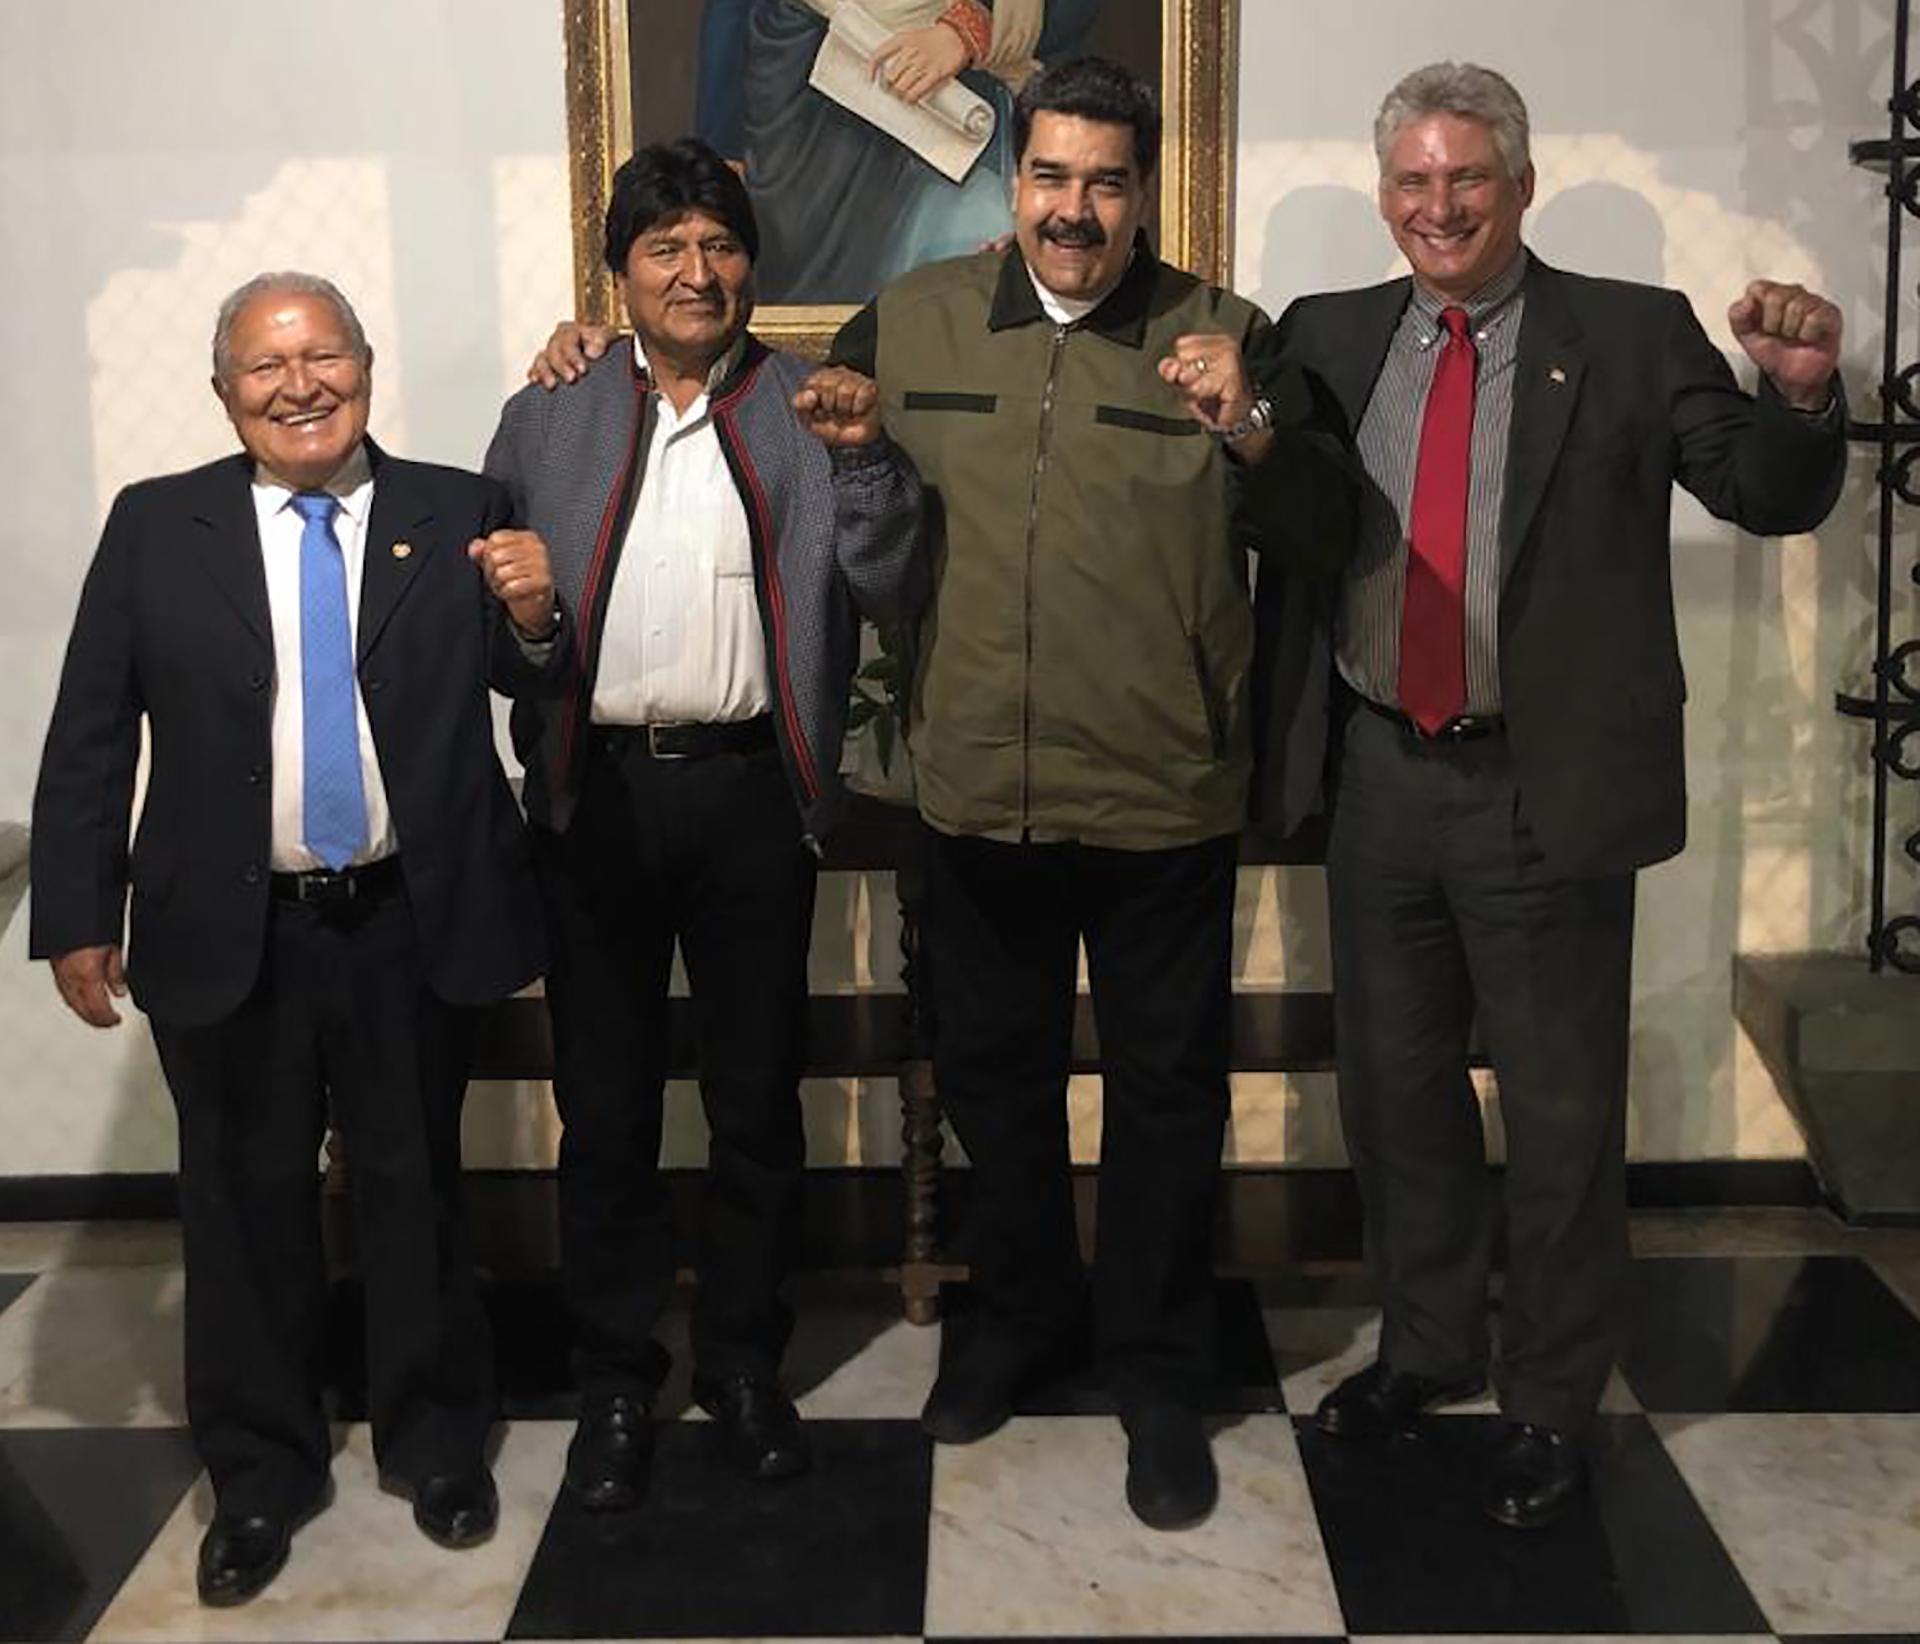 """Nicolás Maduro junto a los presidentes de El Salvador, Bolivia y Cuba. """"Por lo menos logró que fueran tres así armaban un partido de Truco"""", dice un mozo argentino que trabajó días atrás en el velorio, perdón, en la asunción del Dictador venezolano."""